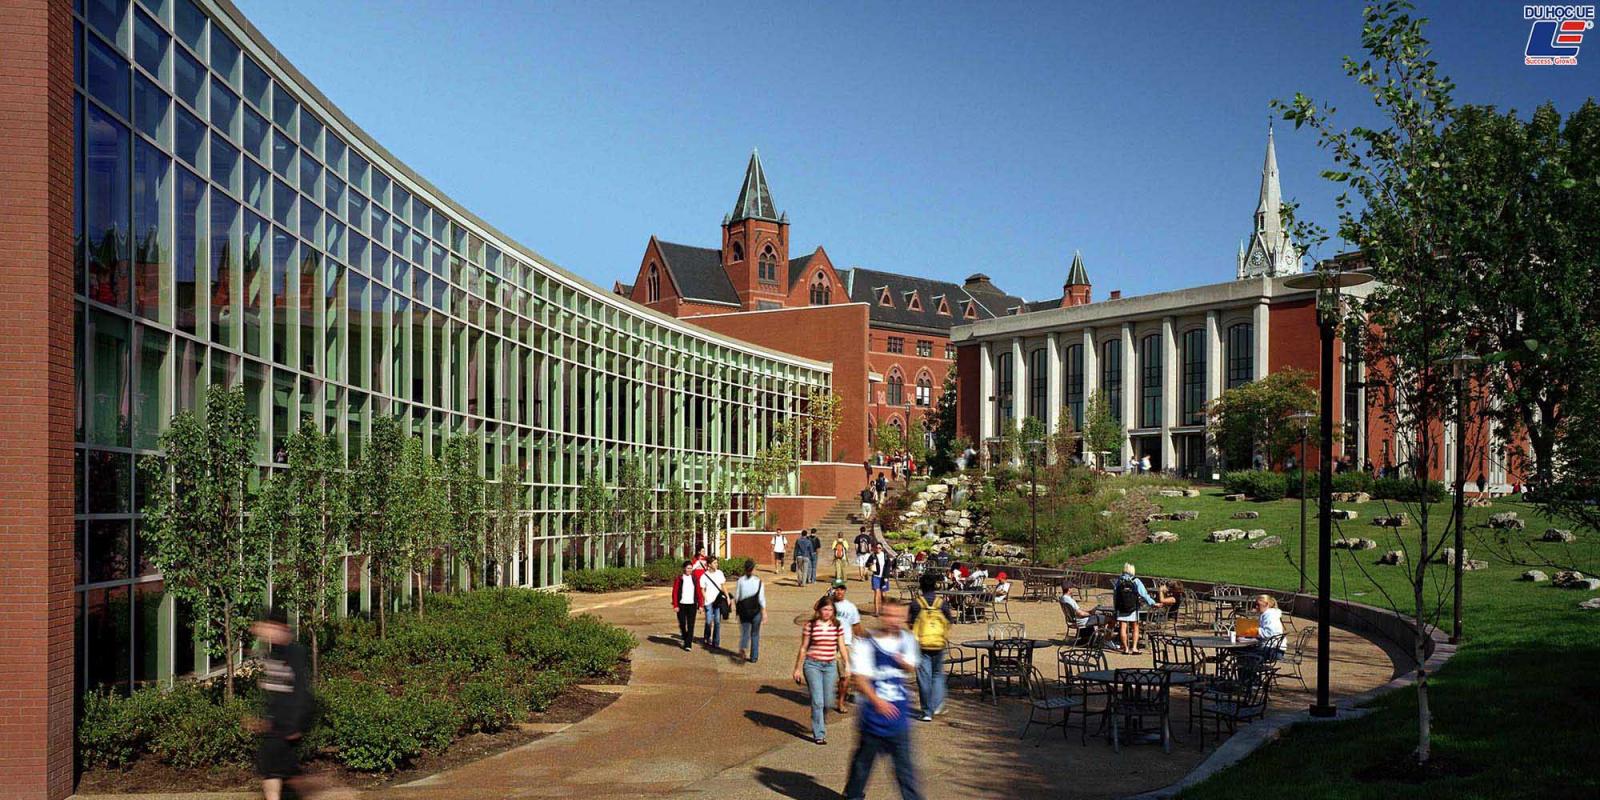 Saint Louis University - Điểm đến tiềm năng của hành trình chinh phục giấc mơ Mỹ 3